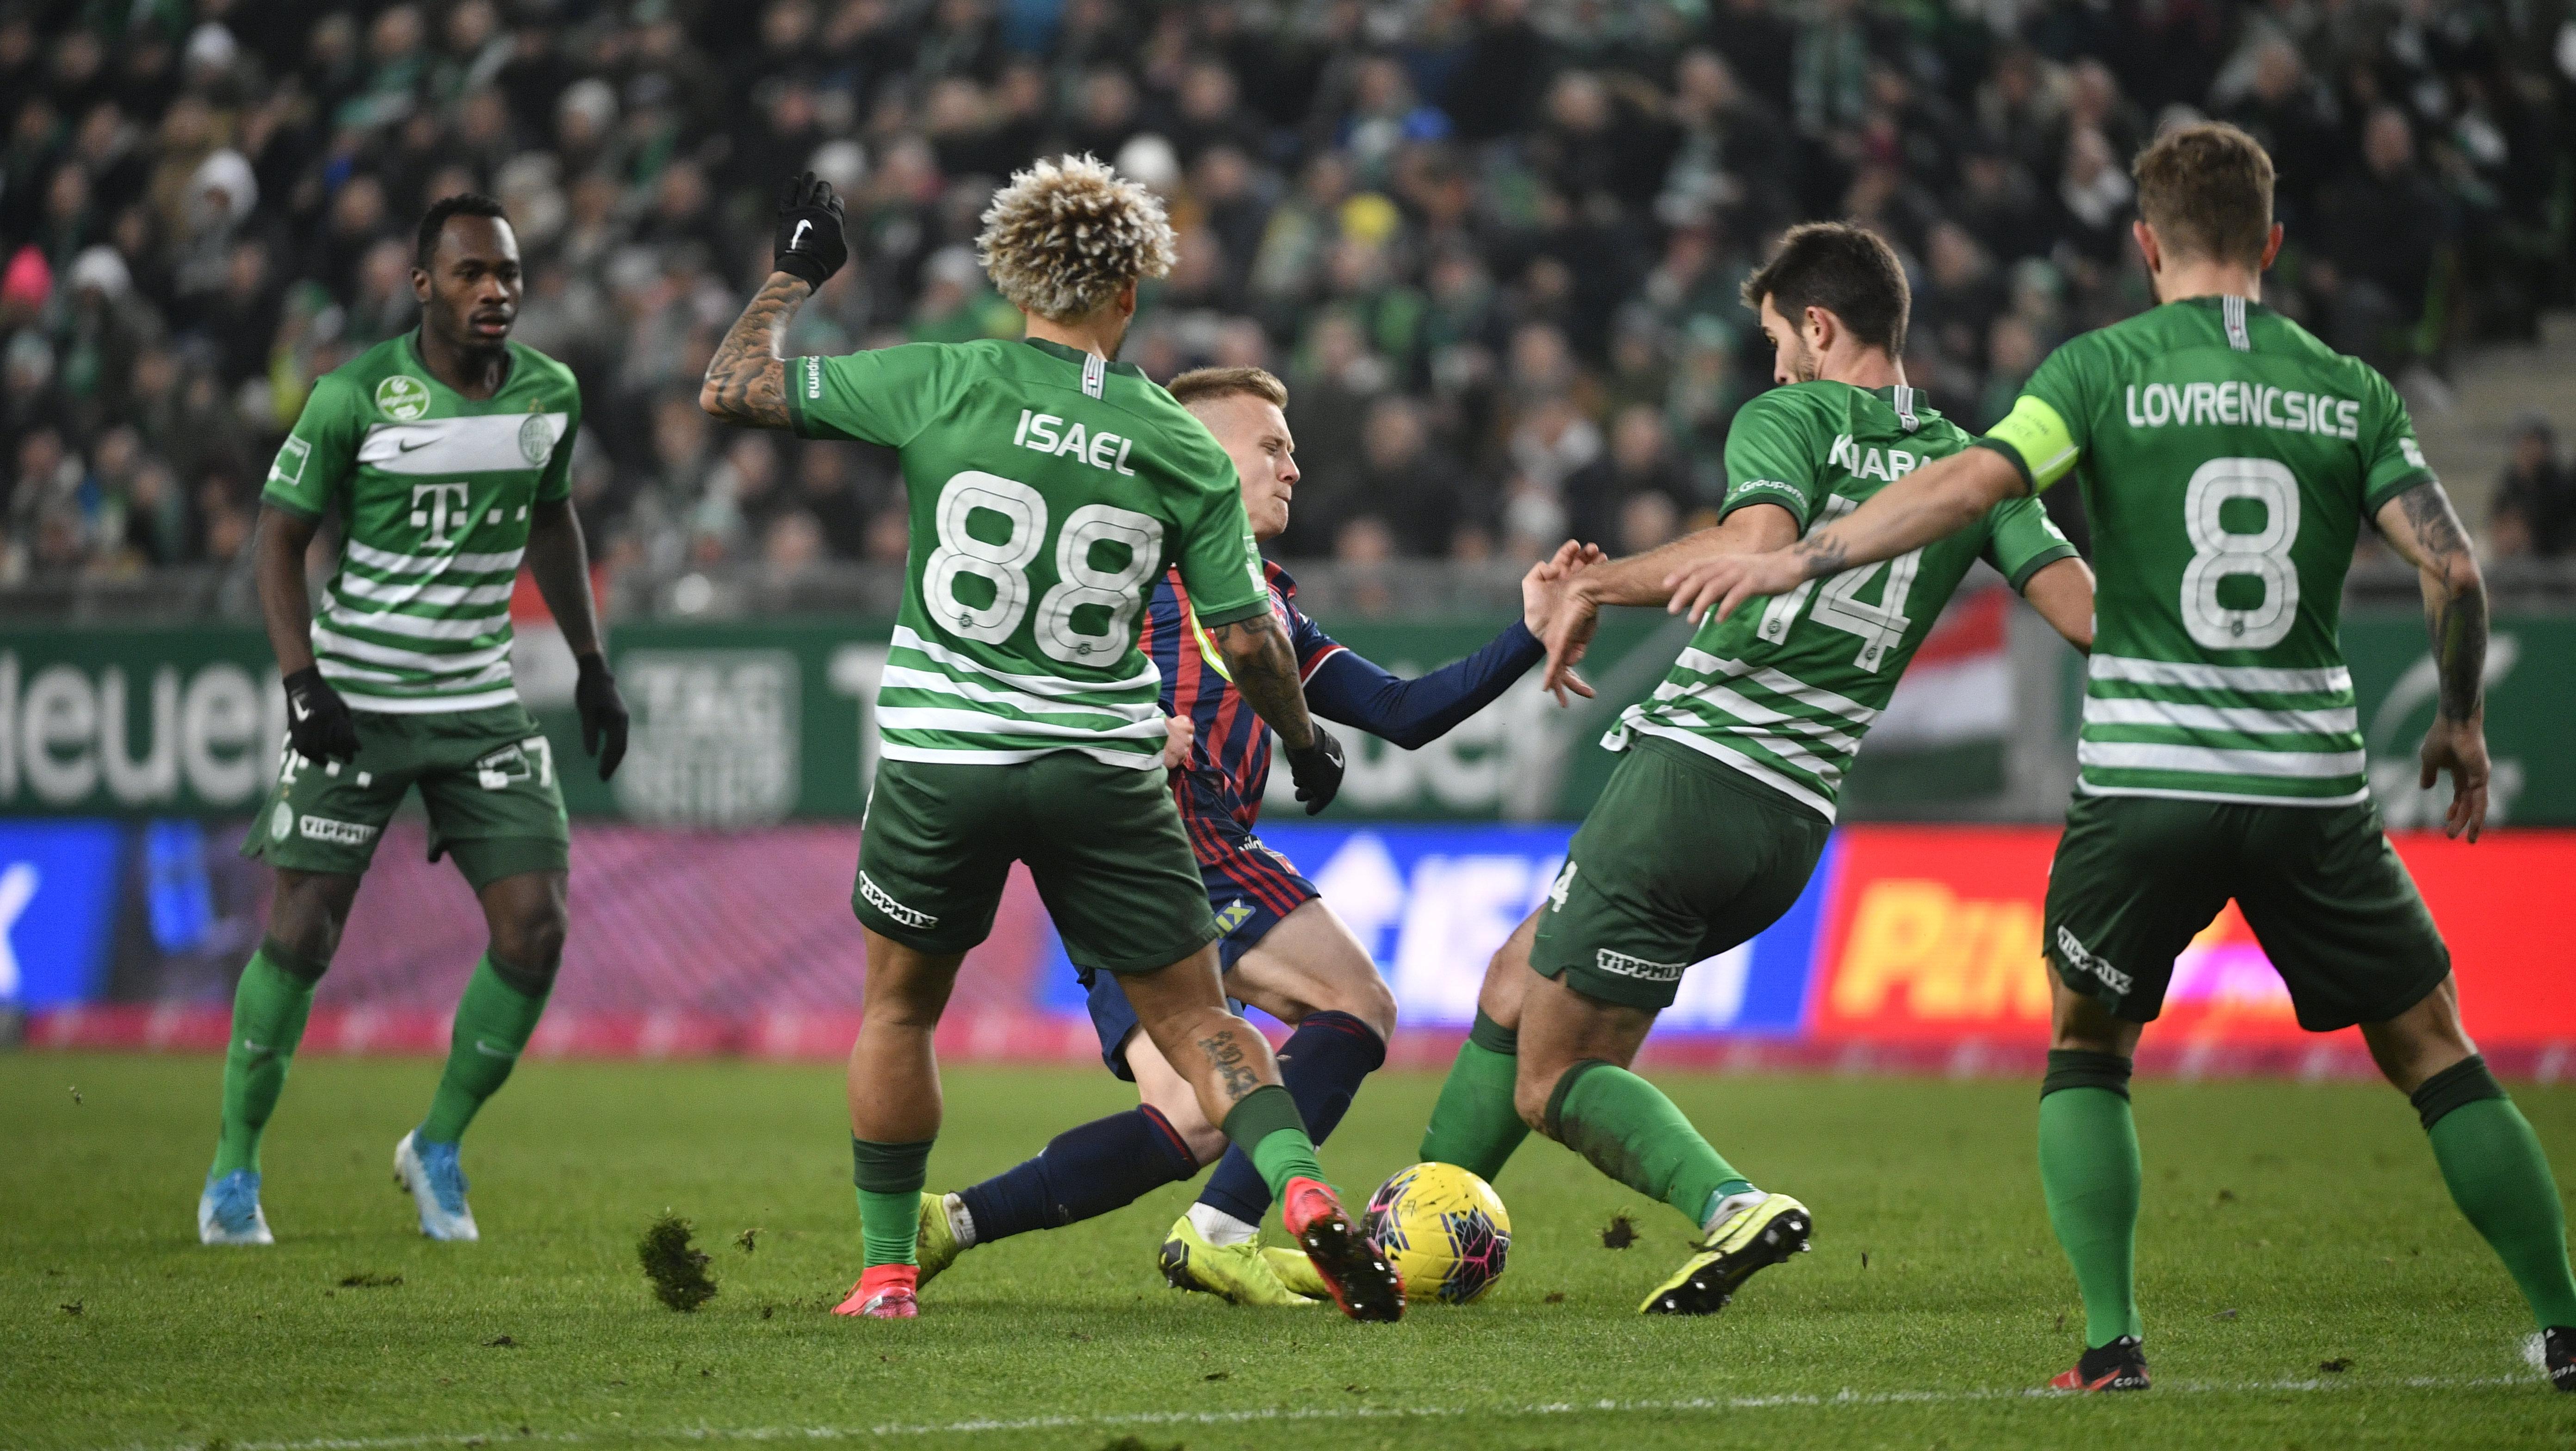 A Nemzeti Sport olyan beszámolót írt a Fradi-Fehérvárról, hogy azt minden fociszurkoló megkönnyezi